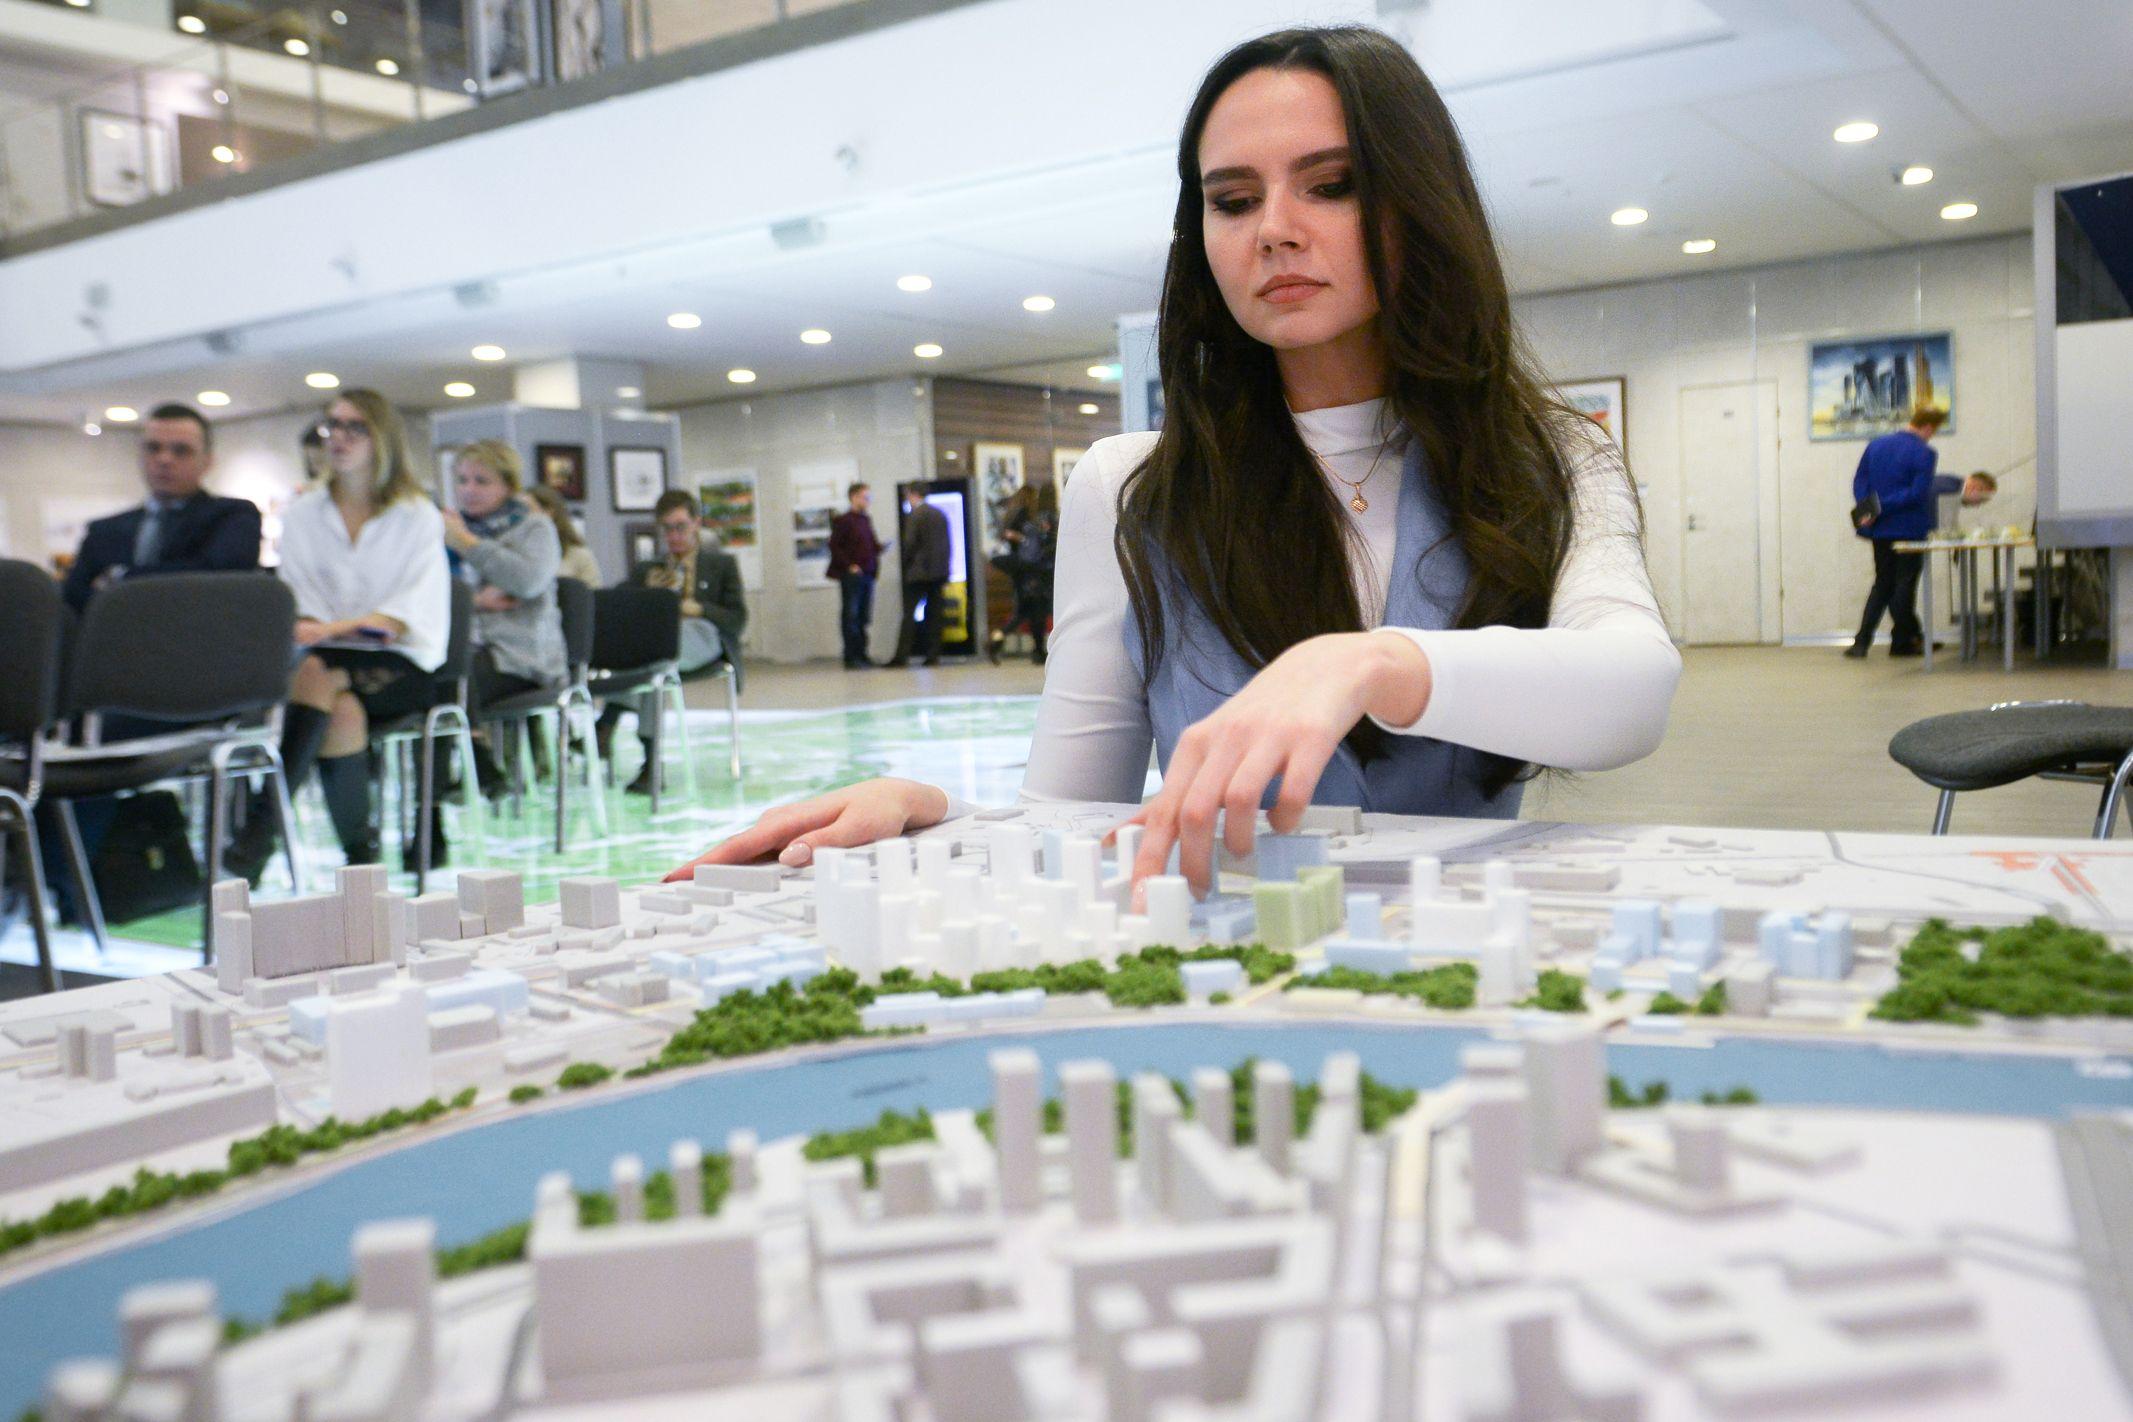 Около 100 тысяч рабочих мест создадут в Новой Москве